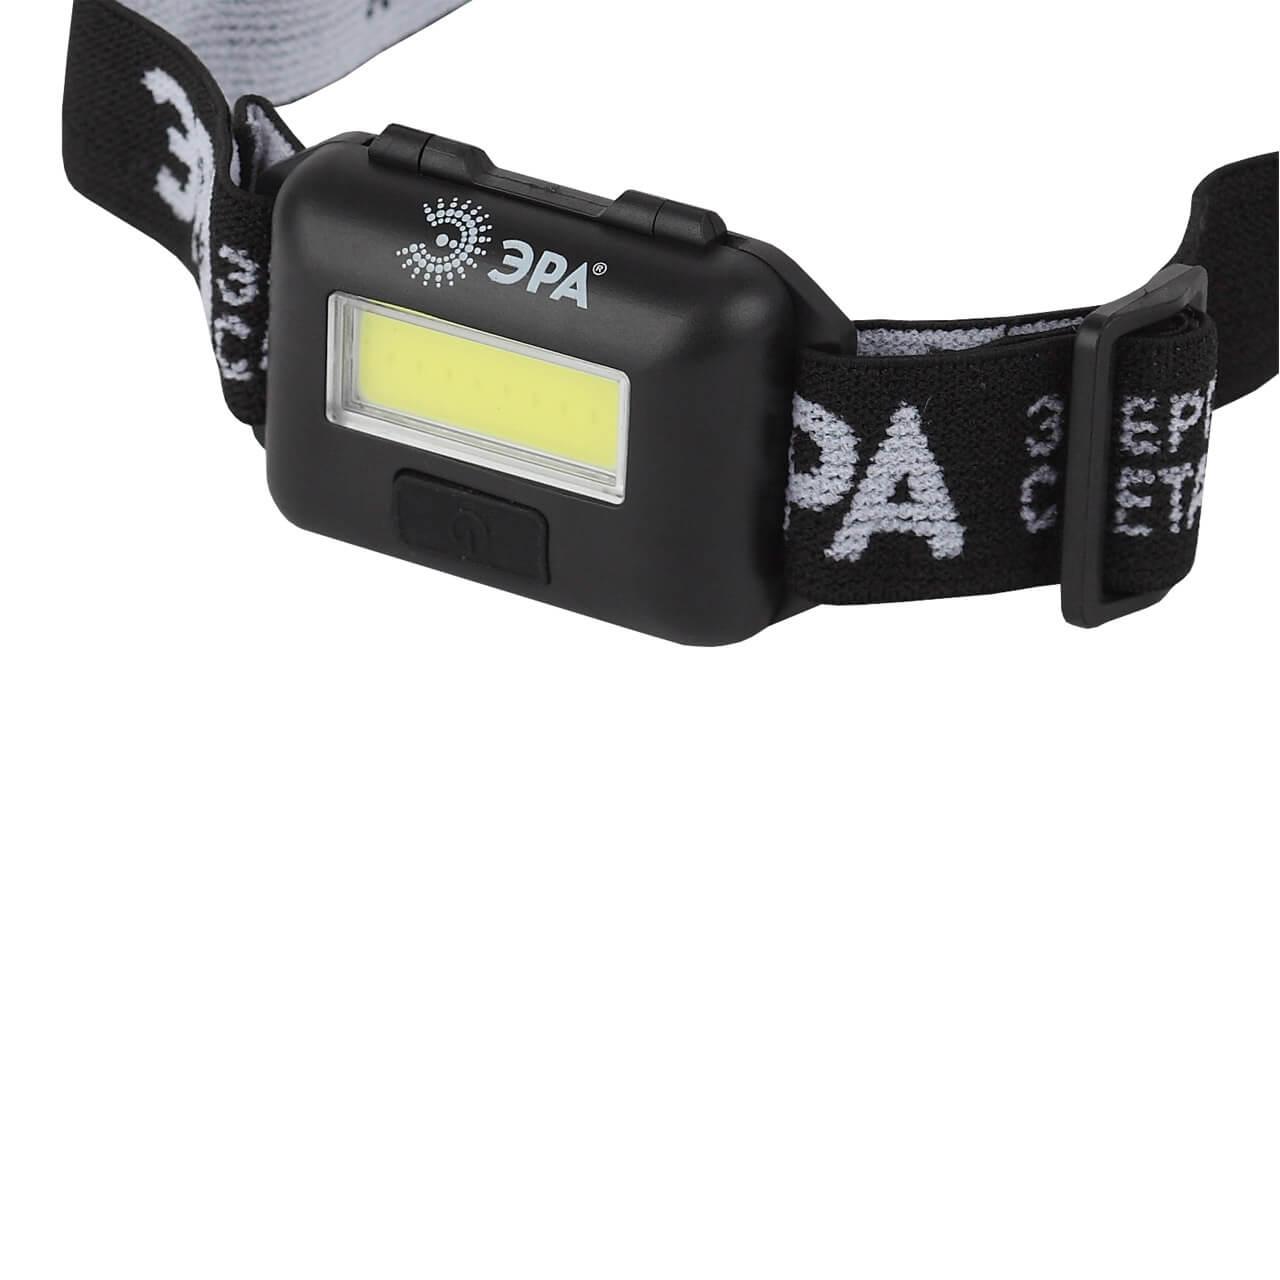 Налобный светодиодный фонарь ЭРА от батареек GB-607 светодиодный алюминиевый фонарь эра sd9